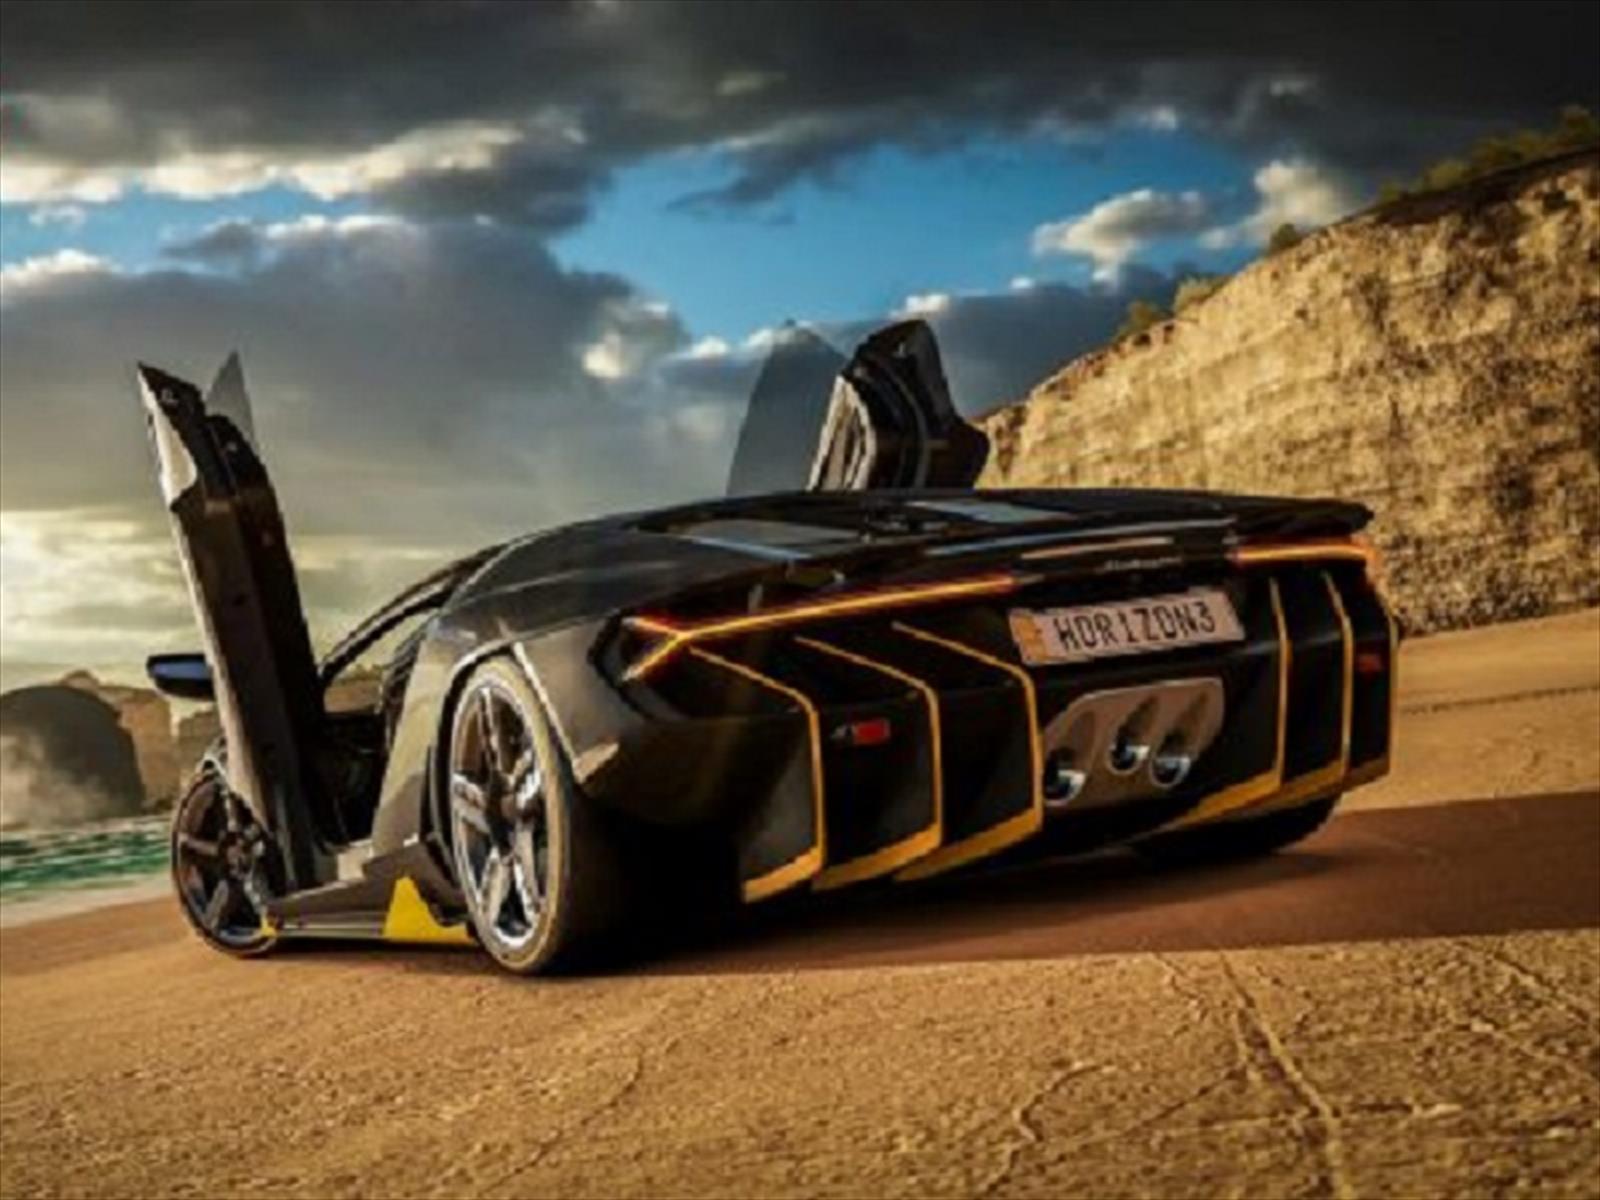 Esta es la segunda parte de la lista de autos en Forza Horizon 3